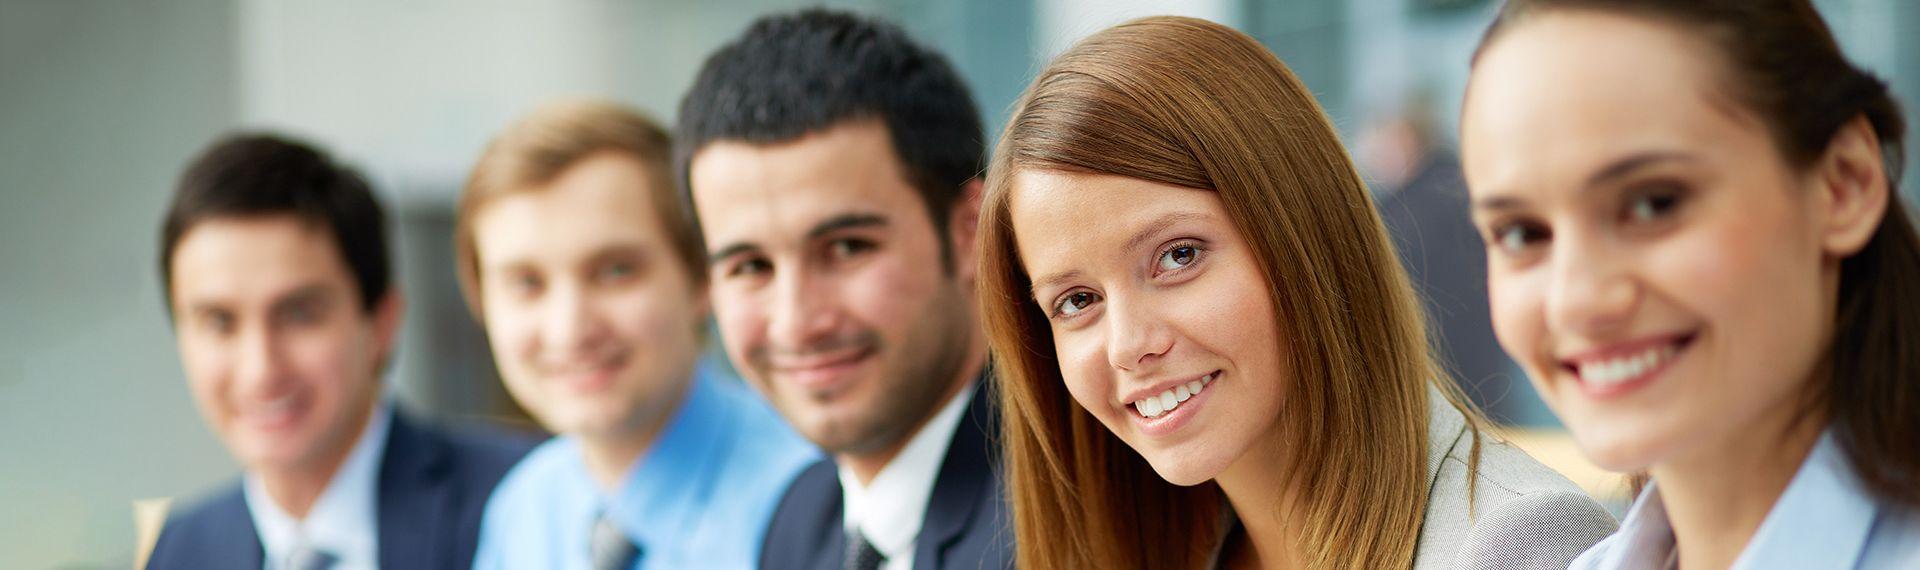 in guten händen: unsere Praxis- und Kooperationsbörse für Steuerberater.